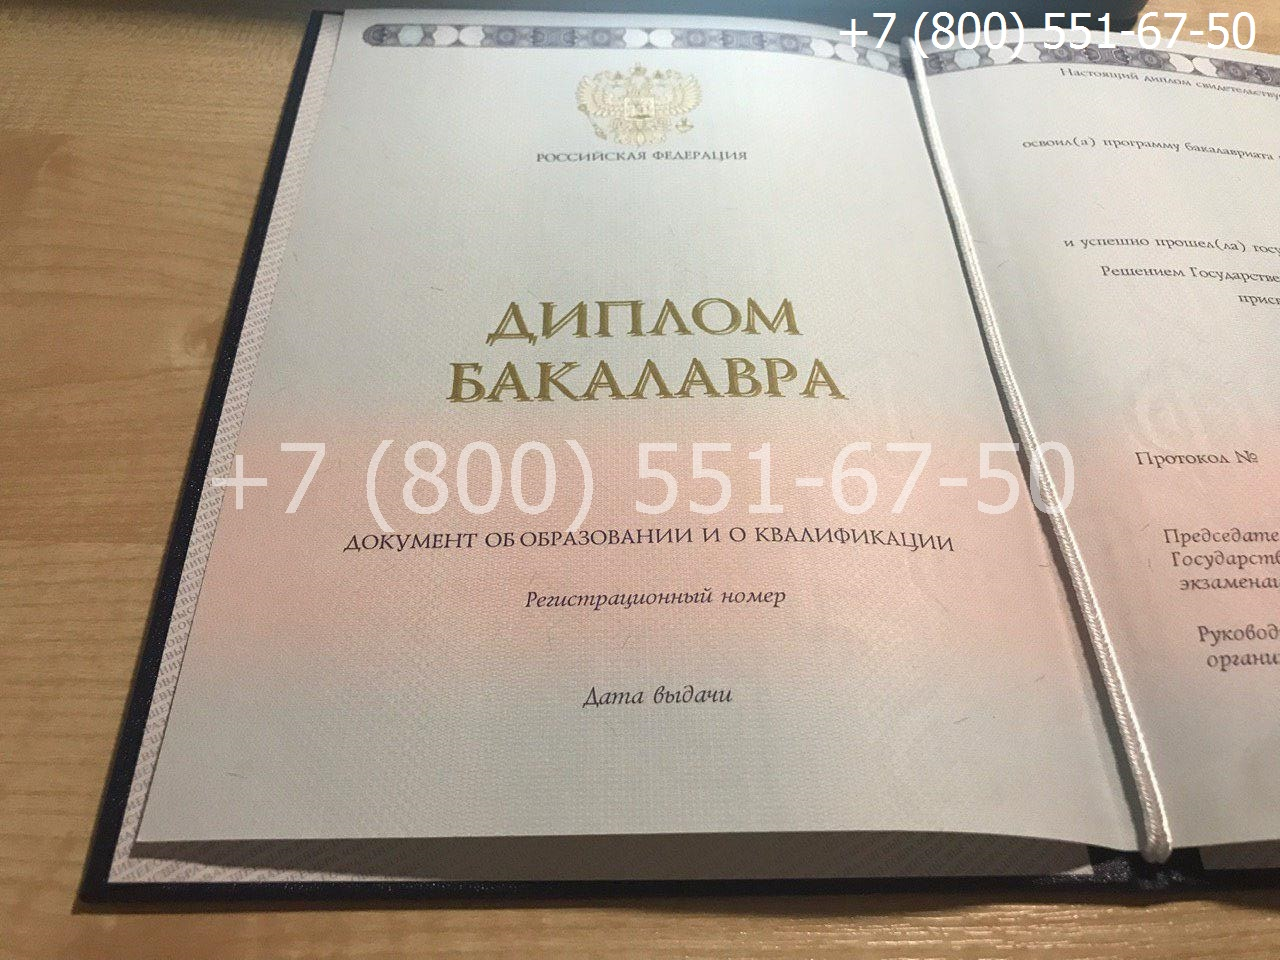 Диплом бакалавра 2014-2018 годов, нового образца, титульный лист-2